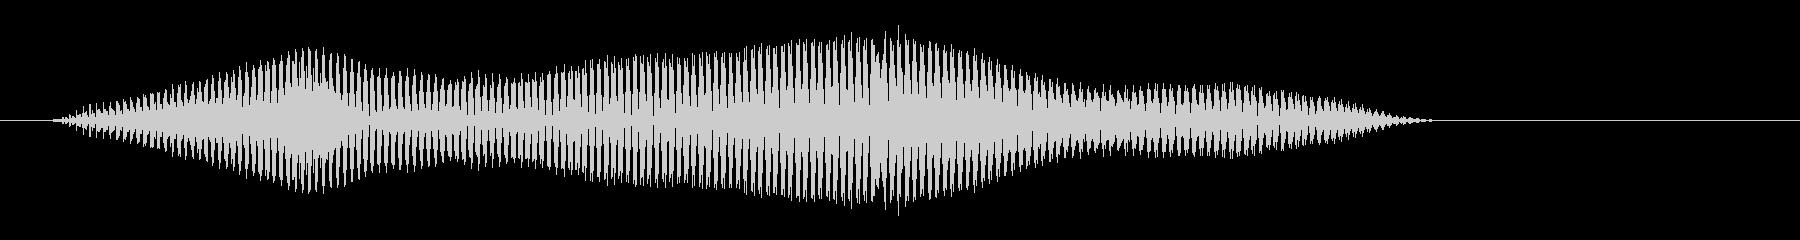 ミヤーオ(鳴き声系)リアルの未再生の波形